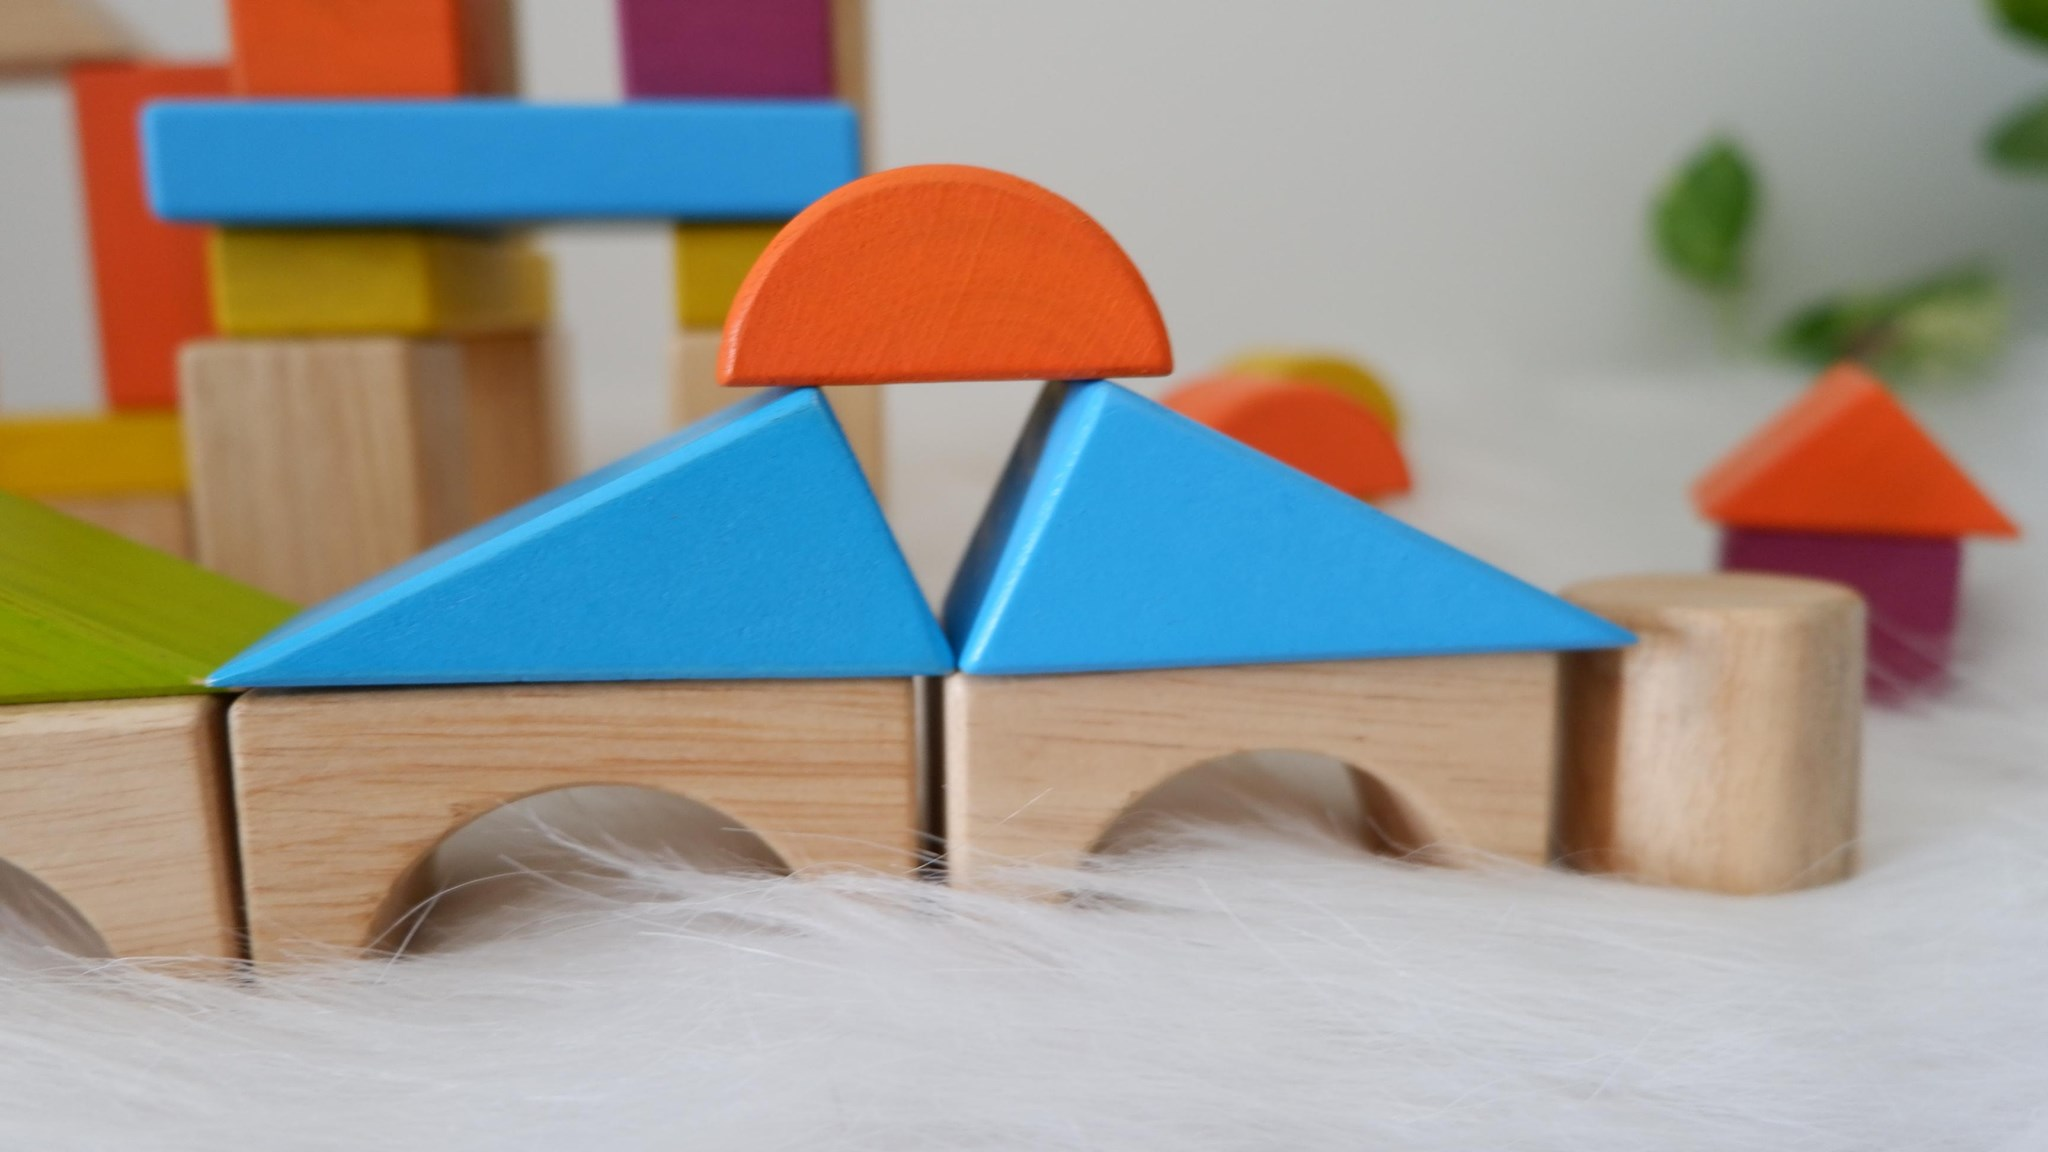 Bộ xếp hình sáng tạo 54 chi tiết Montessori